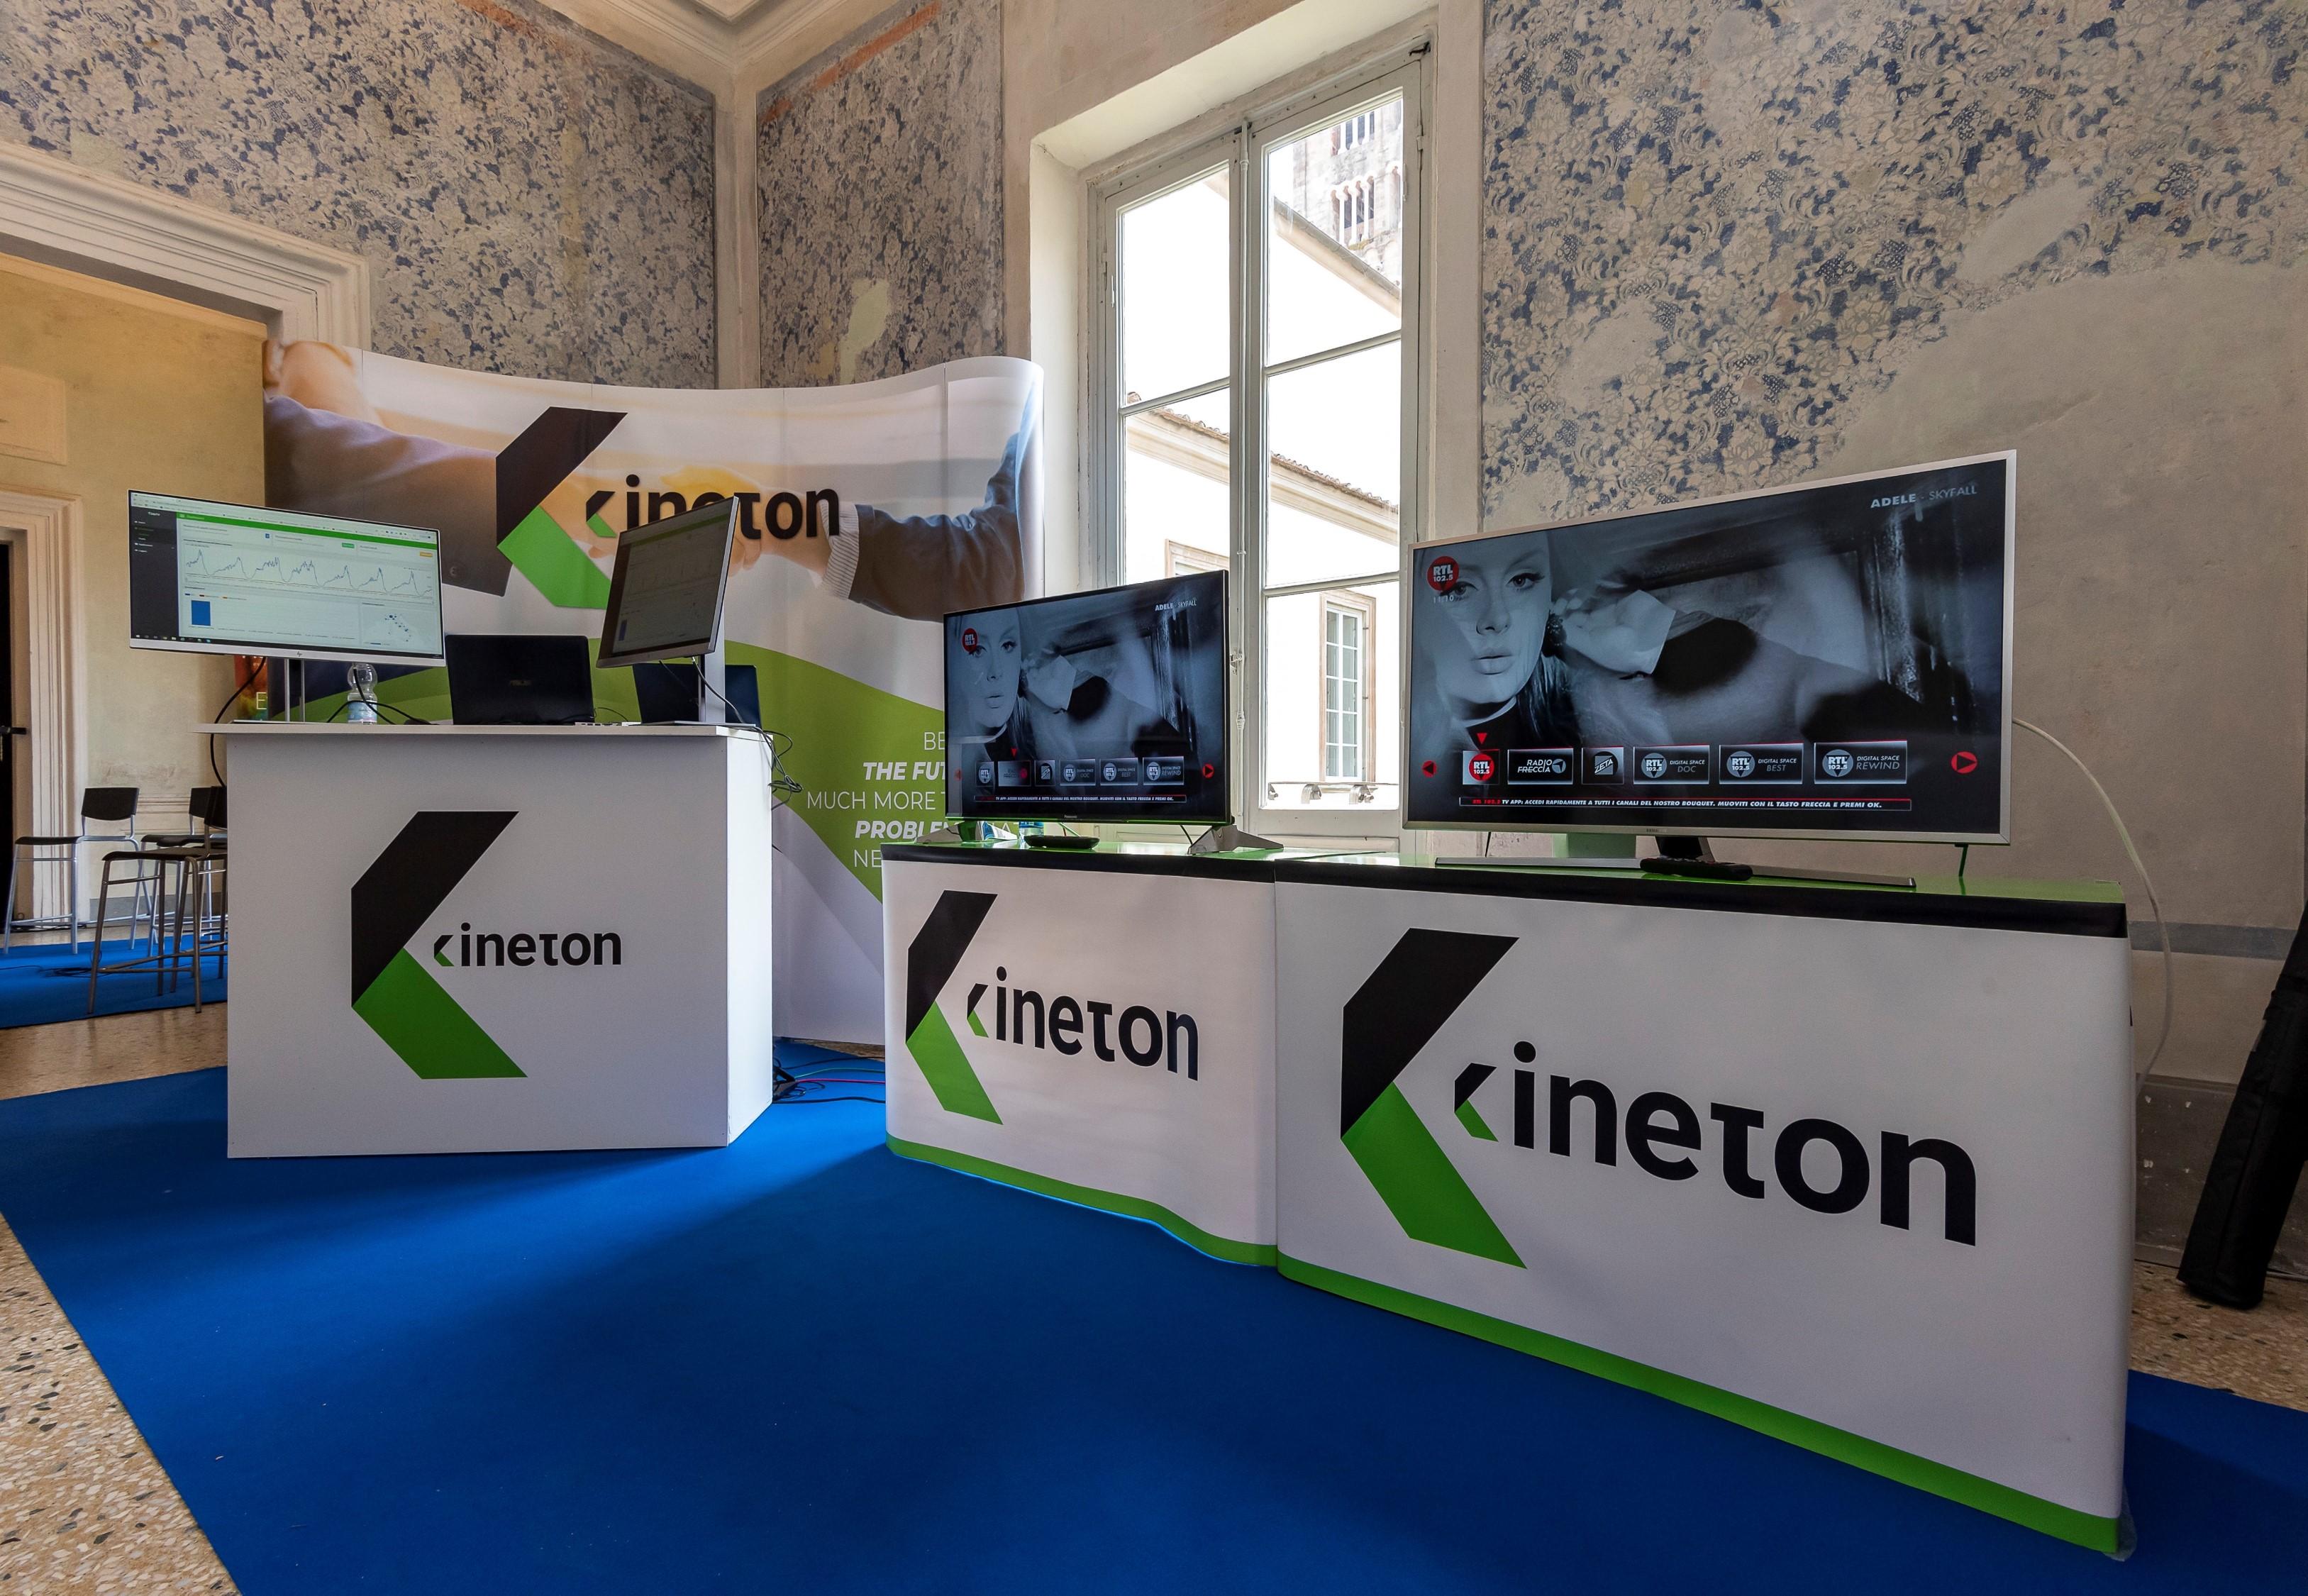 Kineton 2 - DTT. Aprea (Kineton): pronta la tecnologia per moltiplicare gli spazi sui mux del 2022. Ci sarà spazio per tutti e per ogni budget